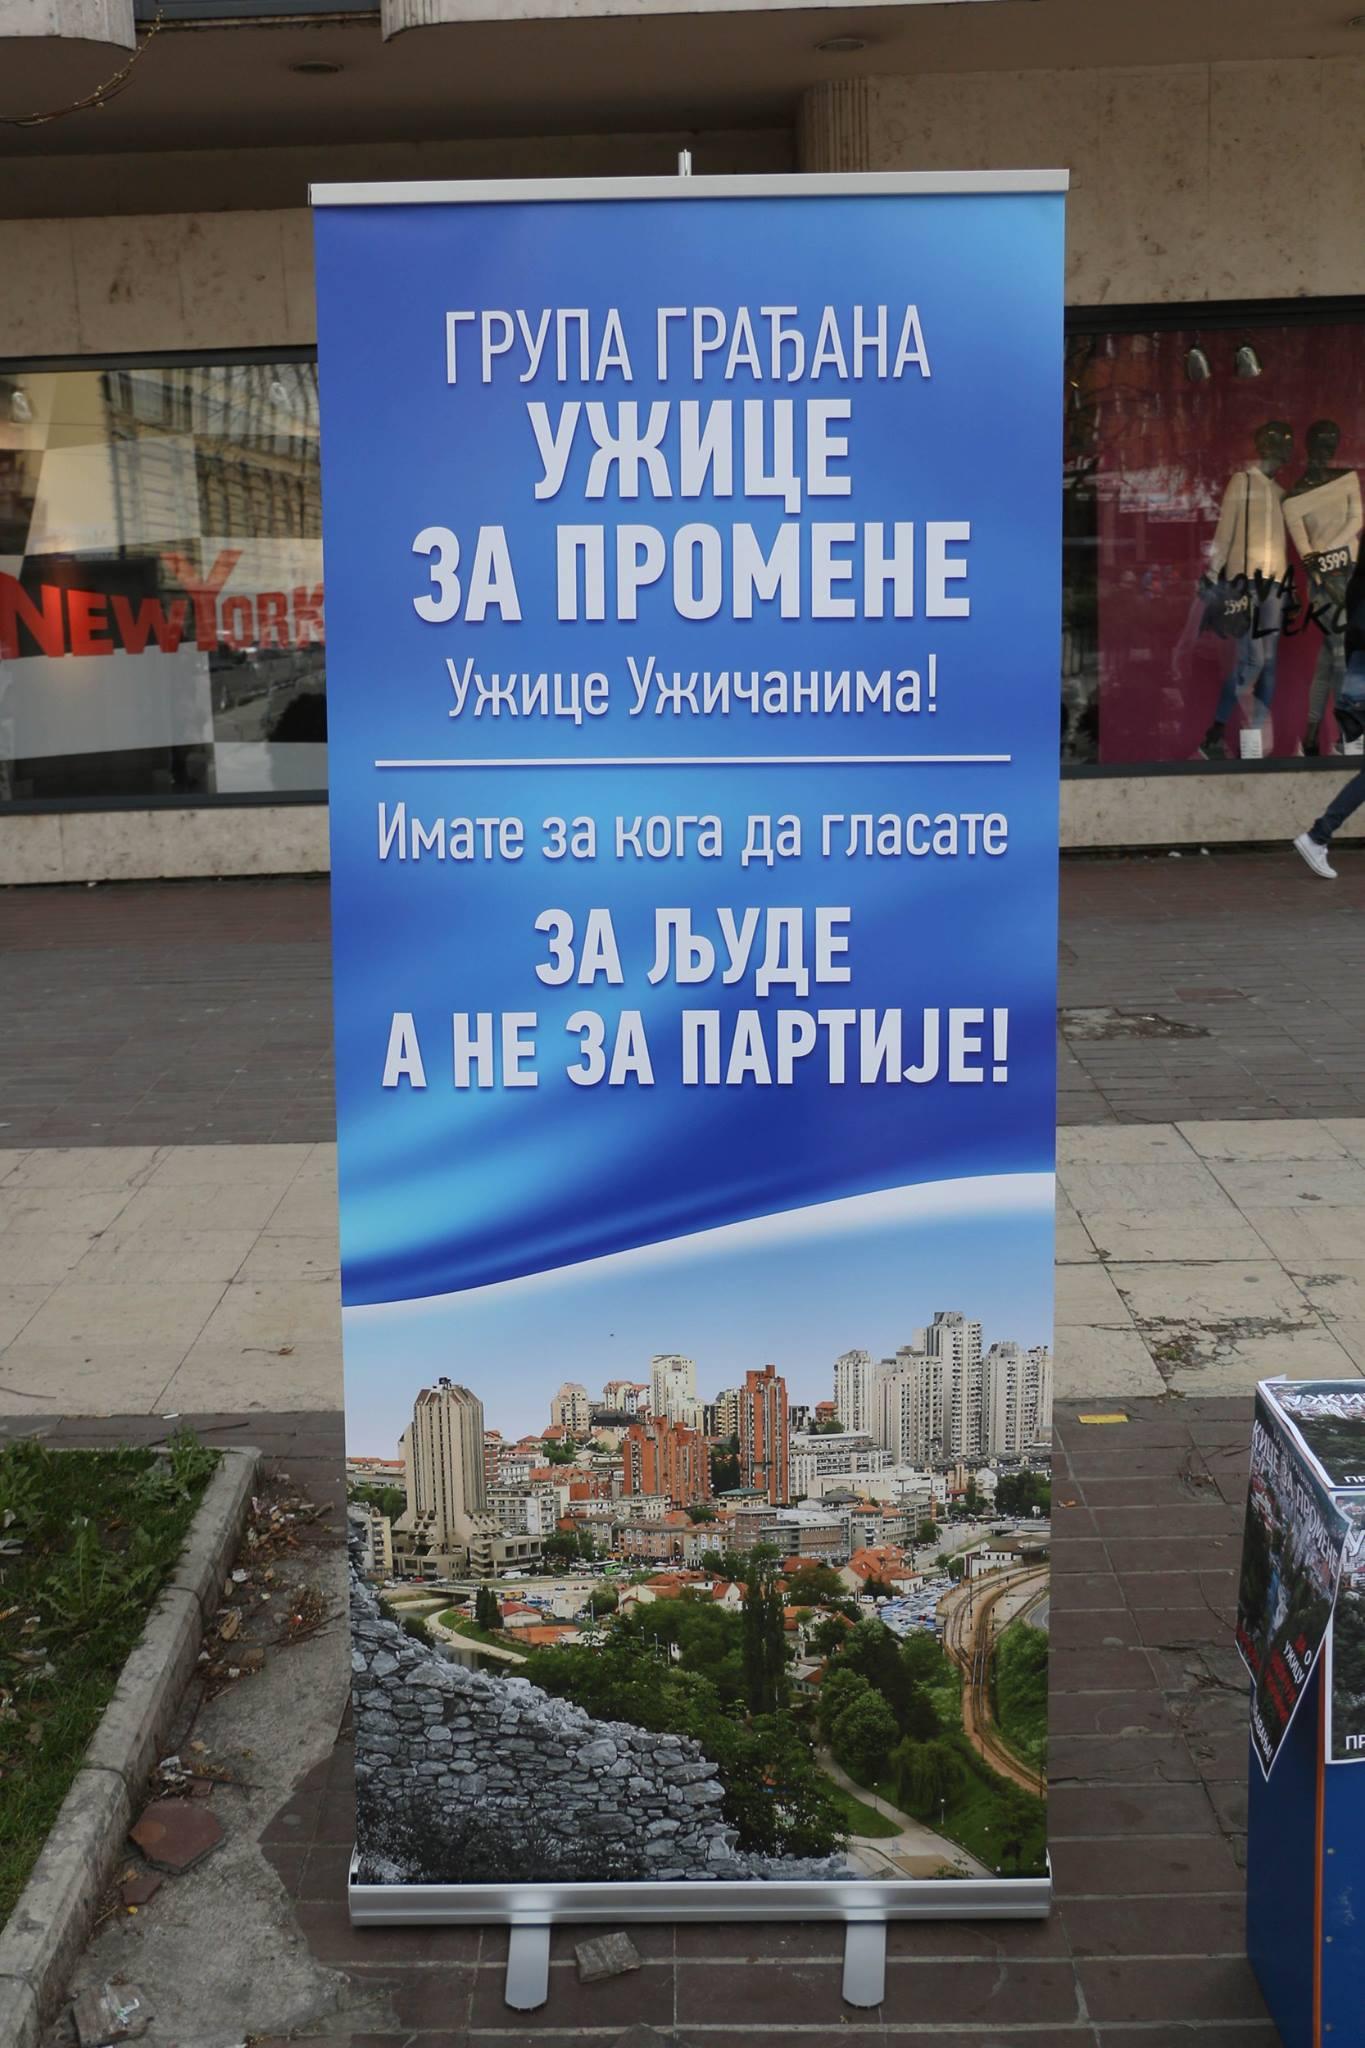 užice za promene plakat kod robne kuće